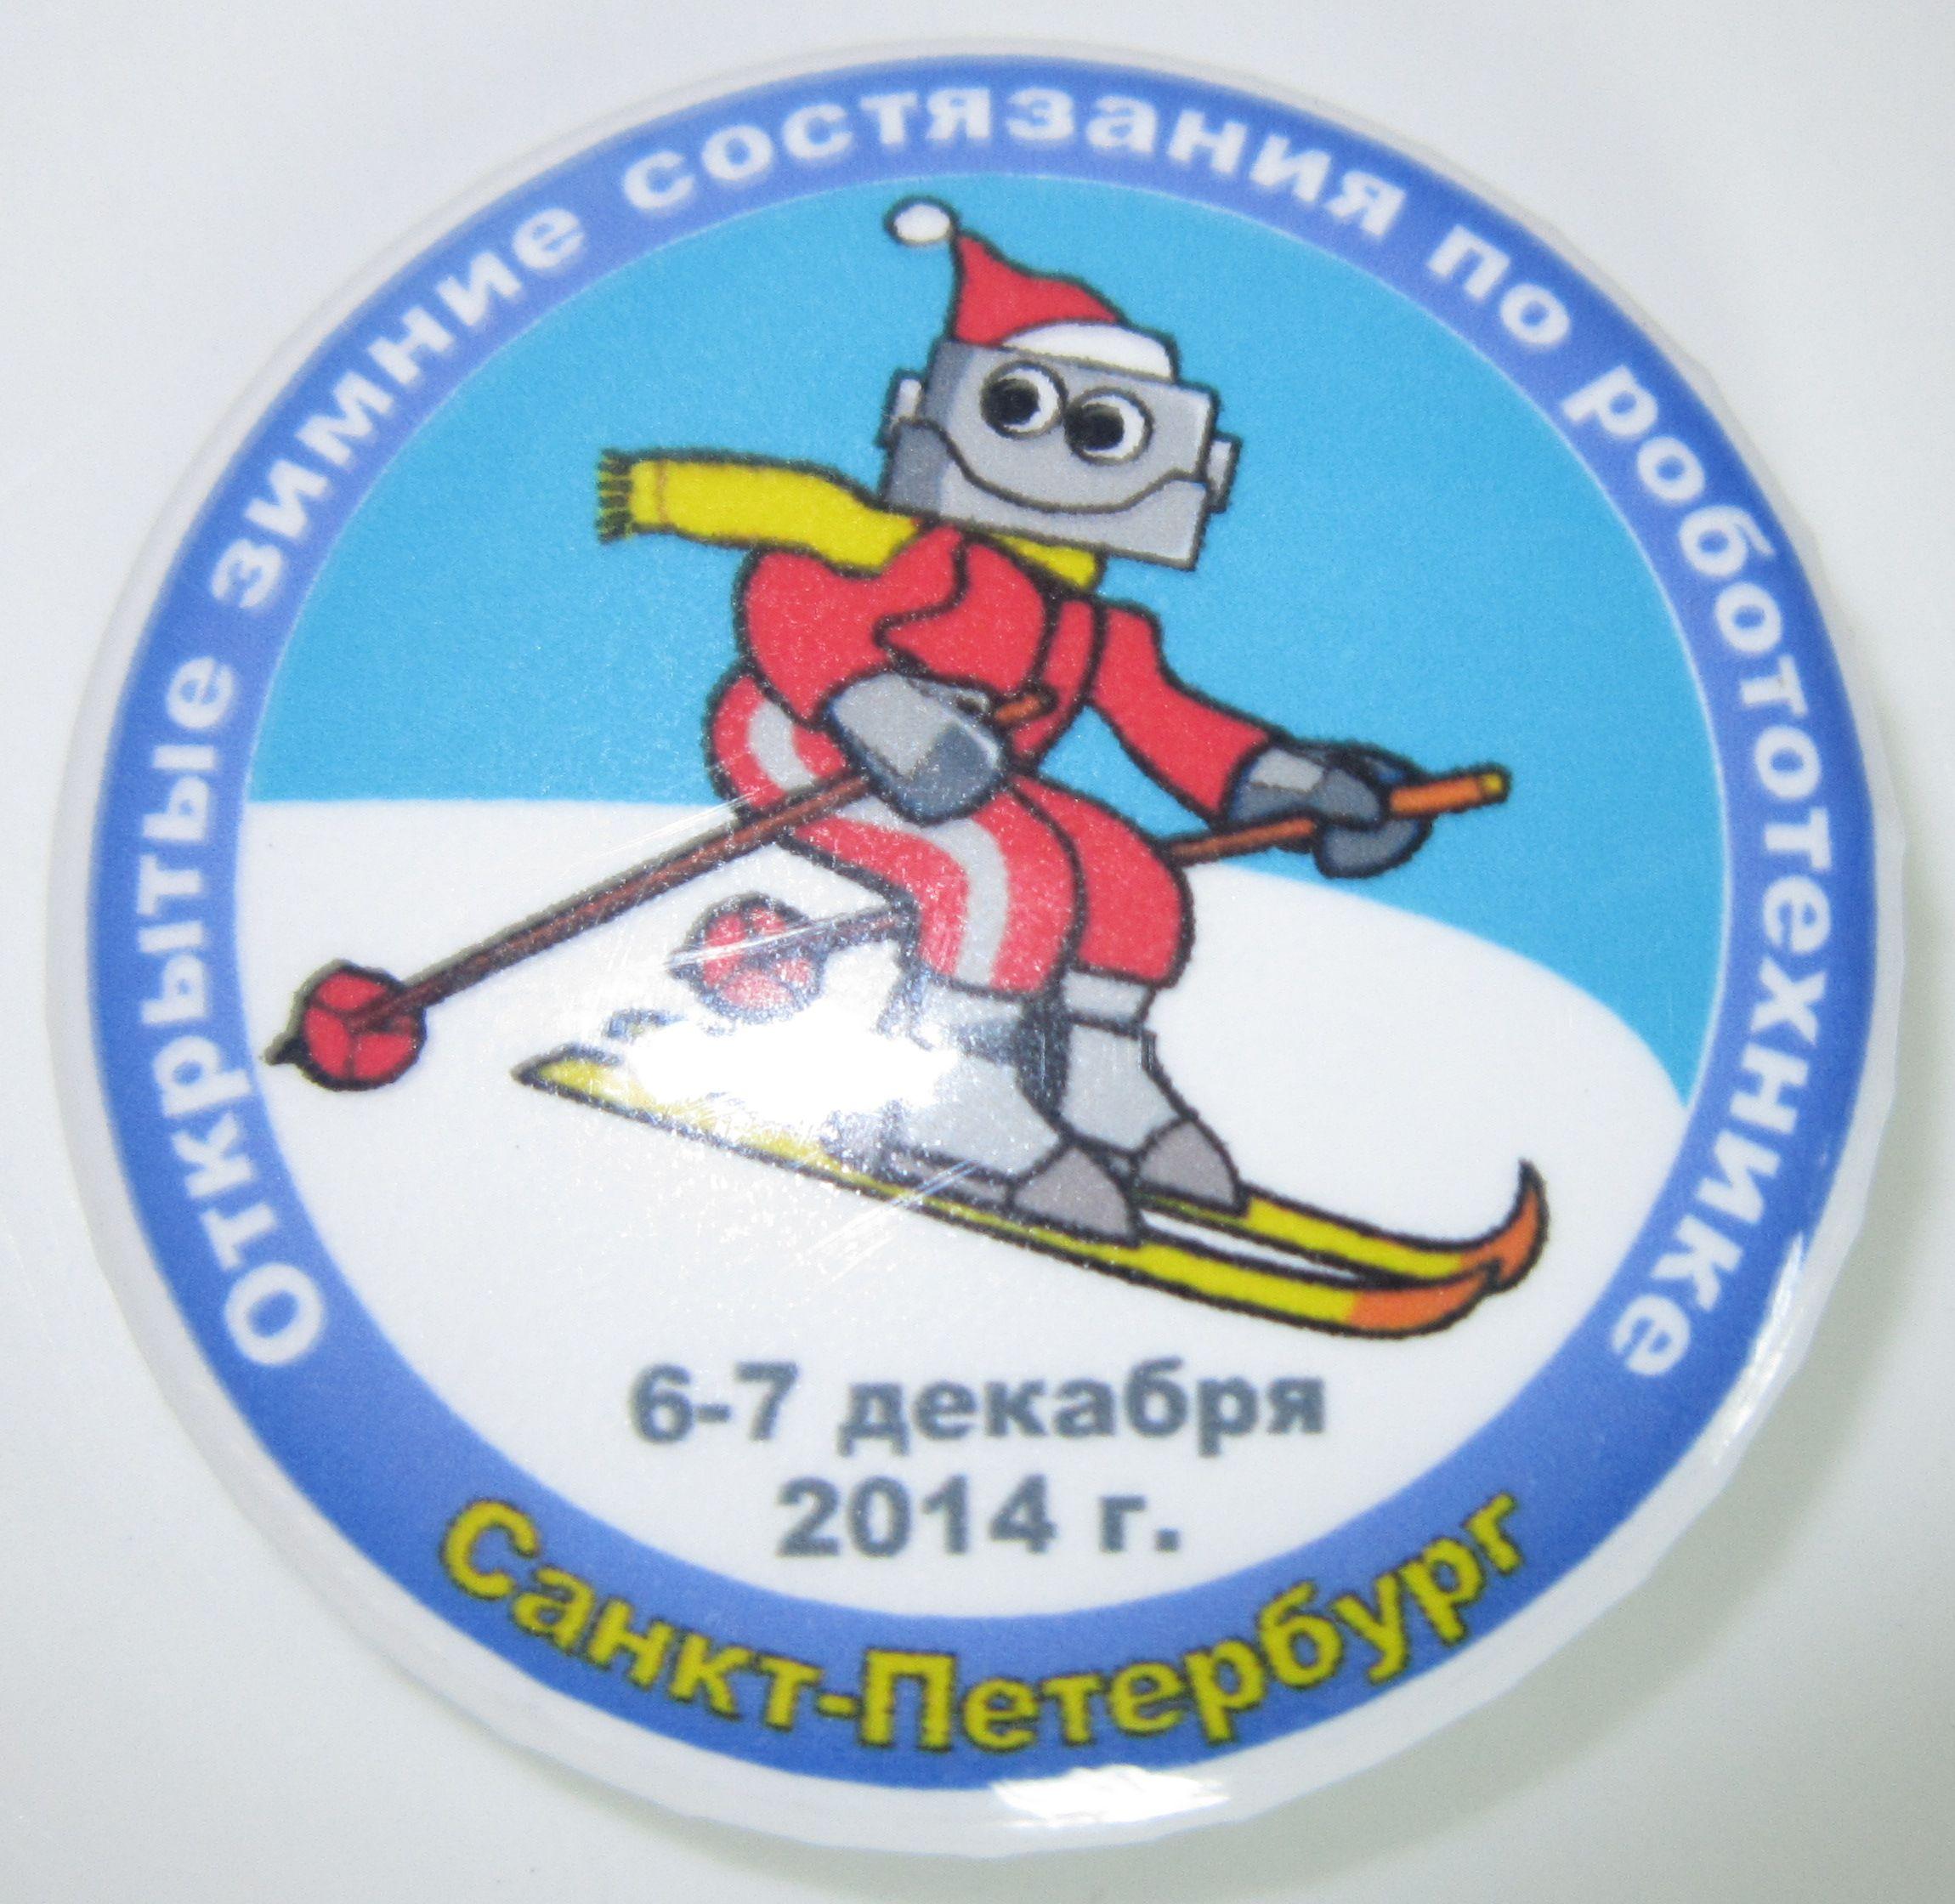 Зимние открытые состязания Санкт-Петербурга по робототехнике